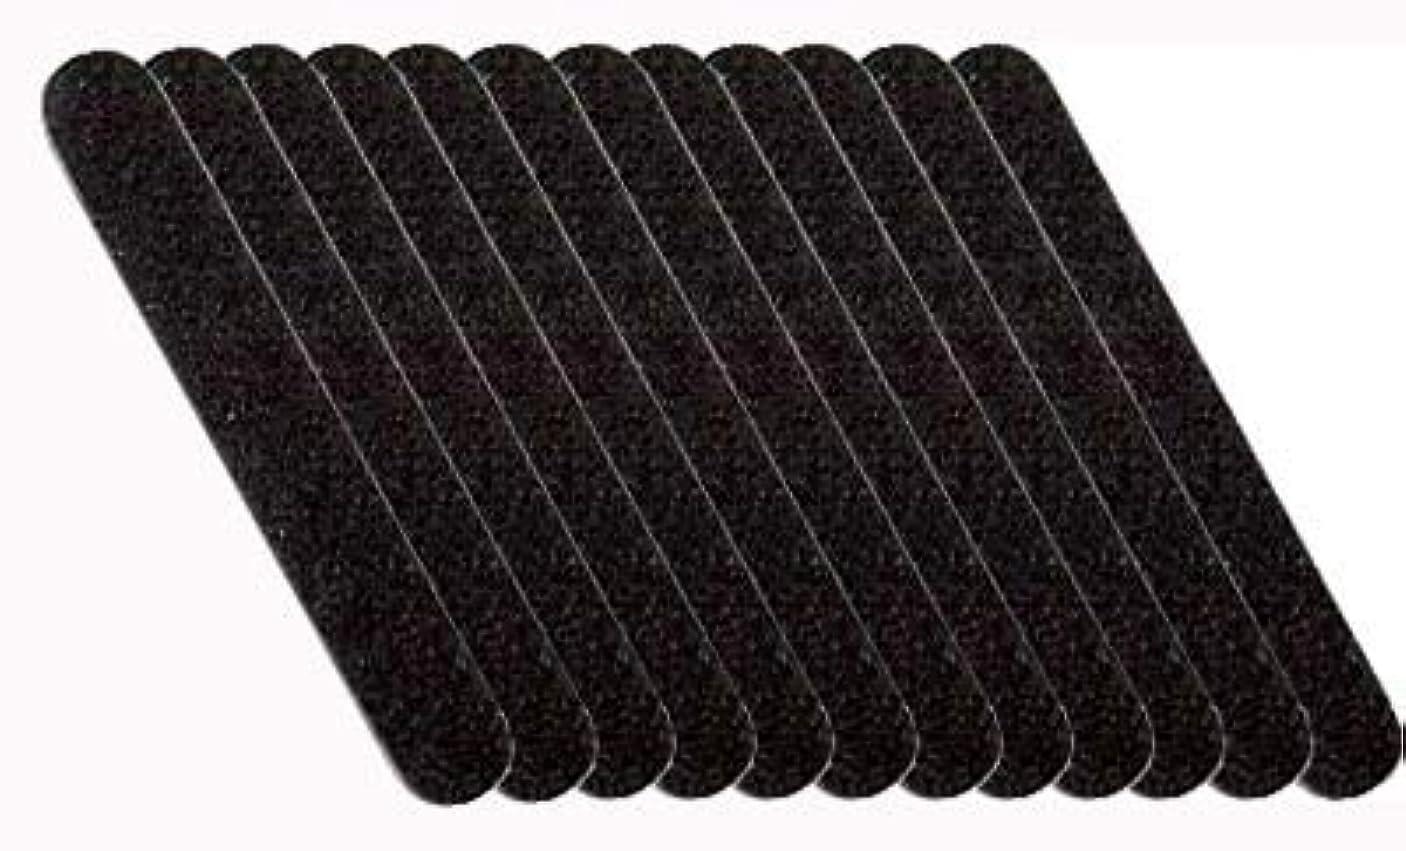 石拡散する援助するミニ ファイル ブラック 12本